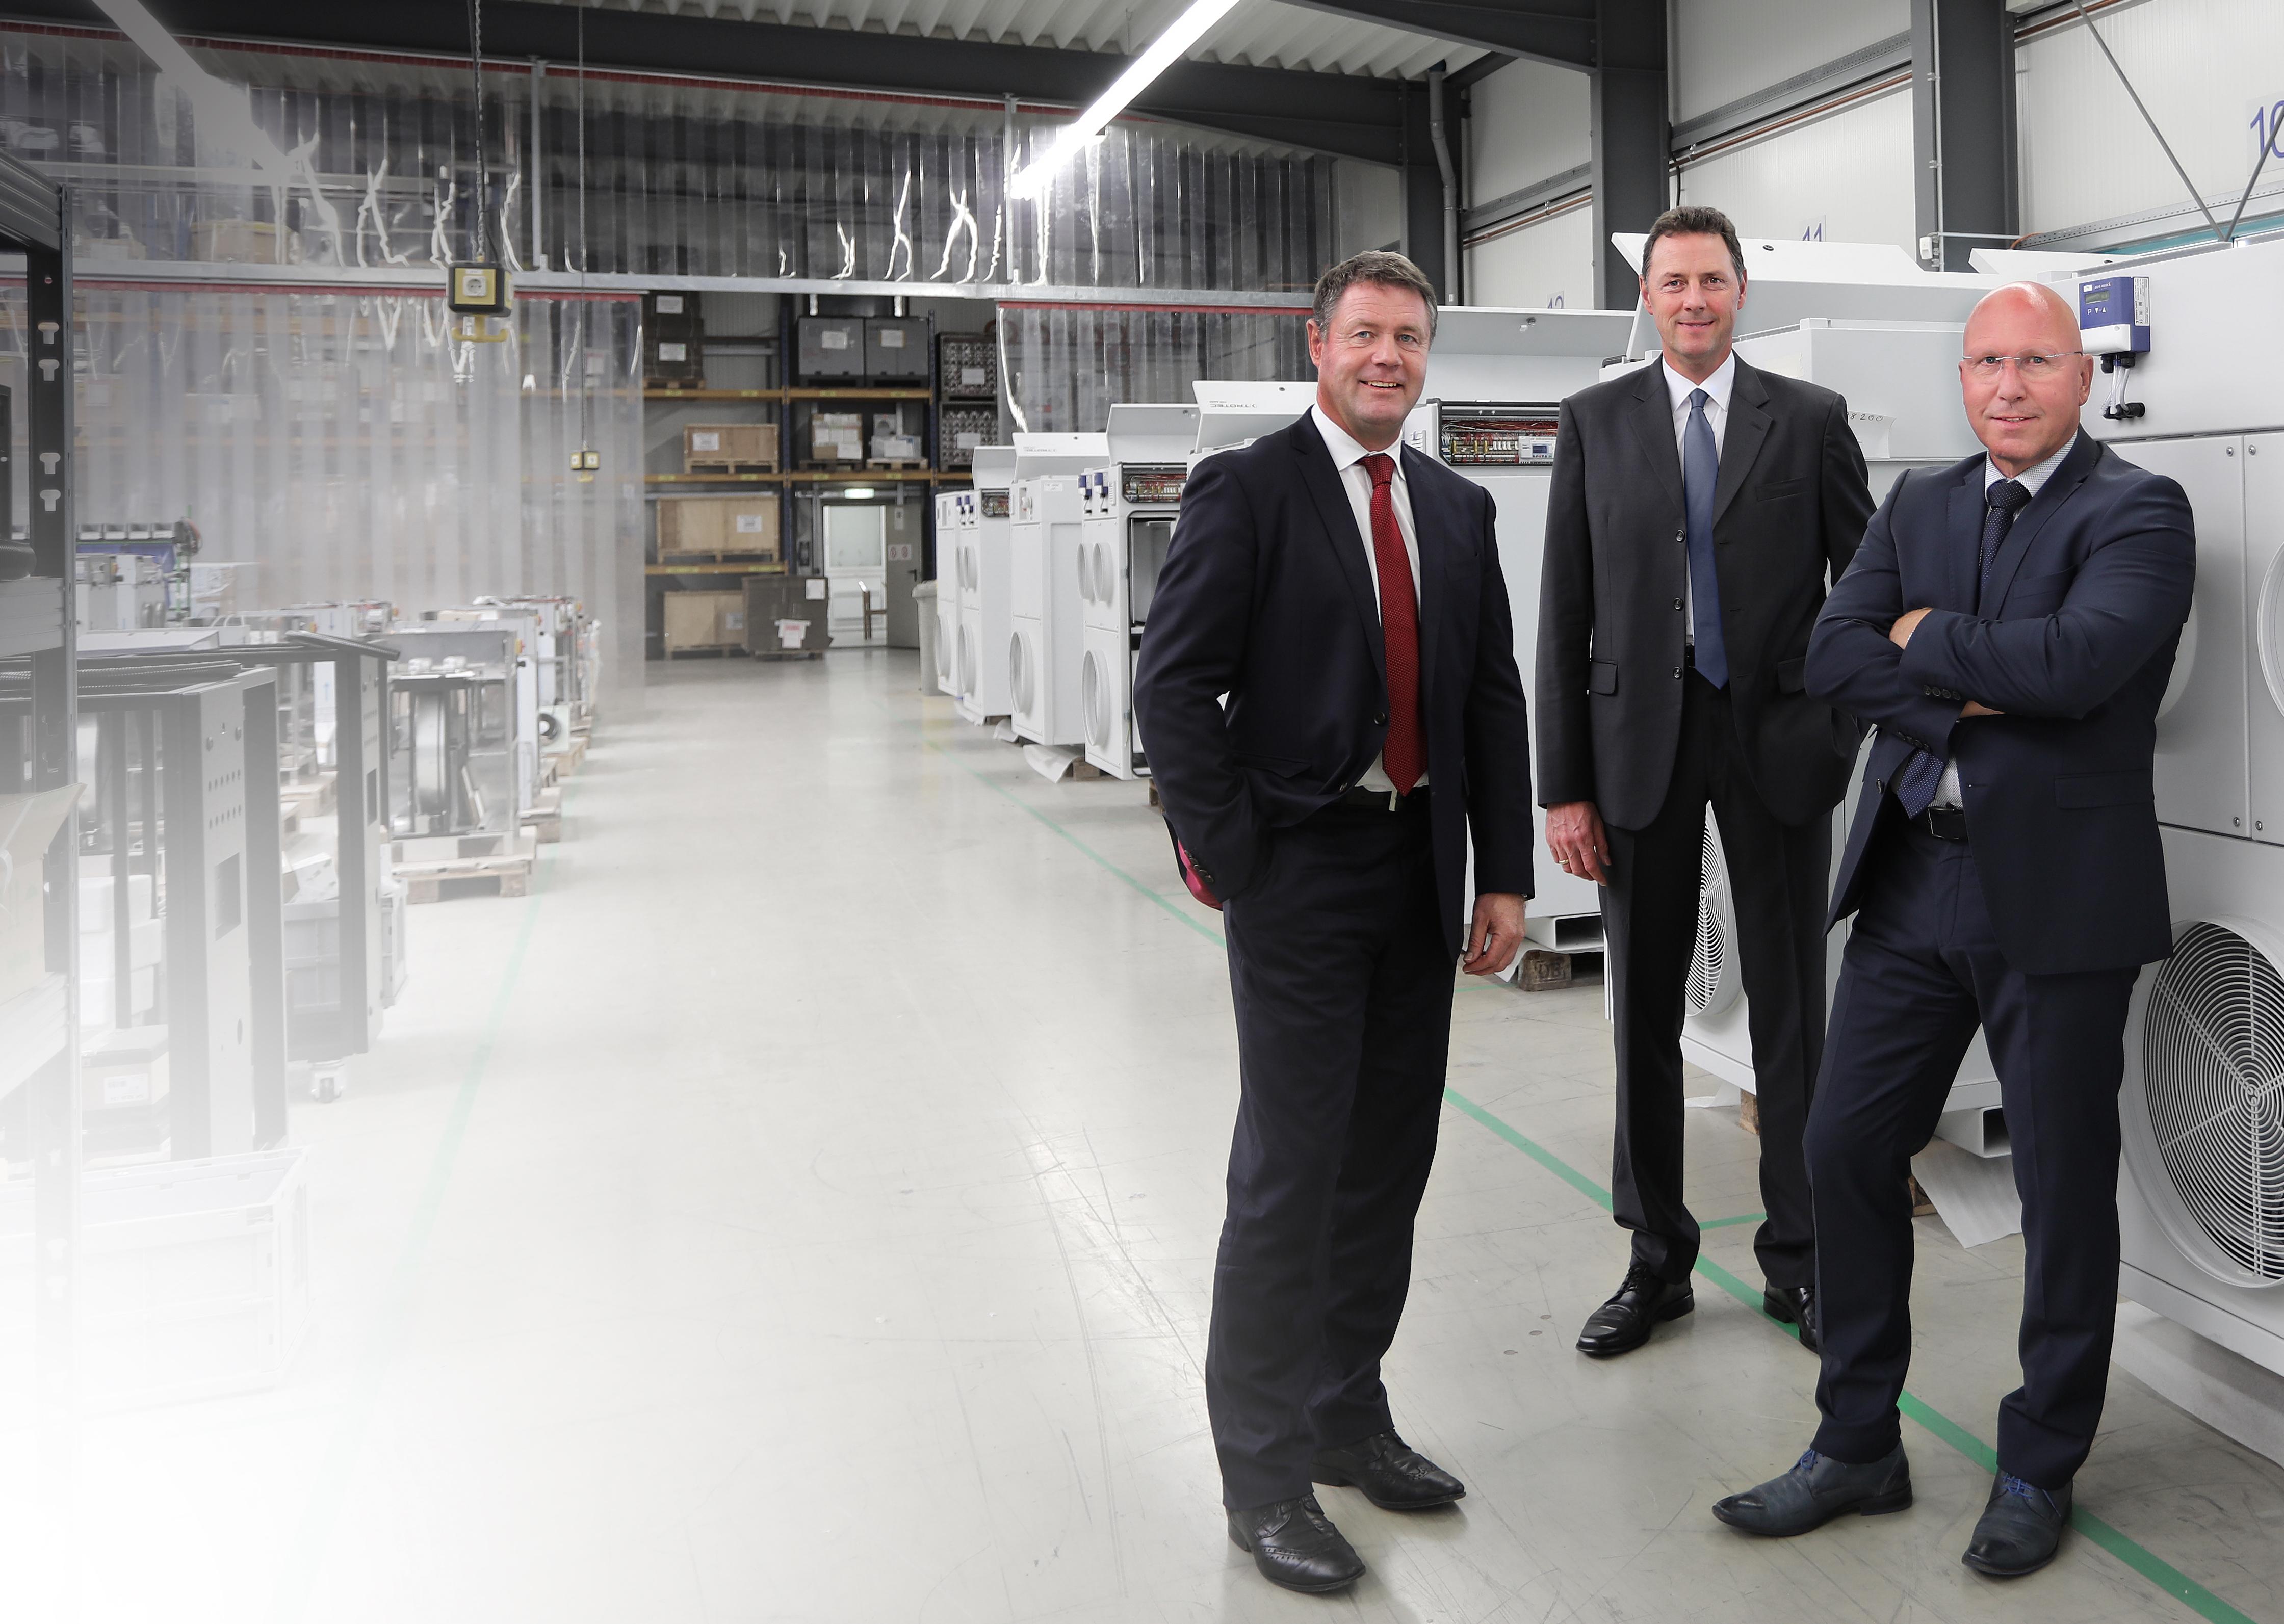 Wolfgang Haller, Manfred Bauens & Karl-Heinz Guth (QUIP AG)